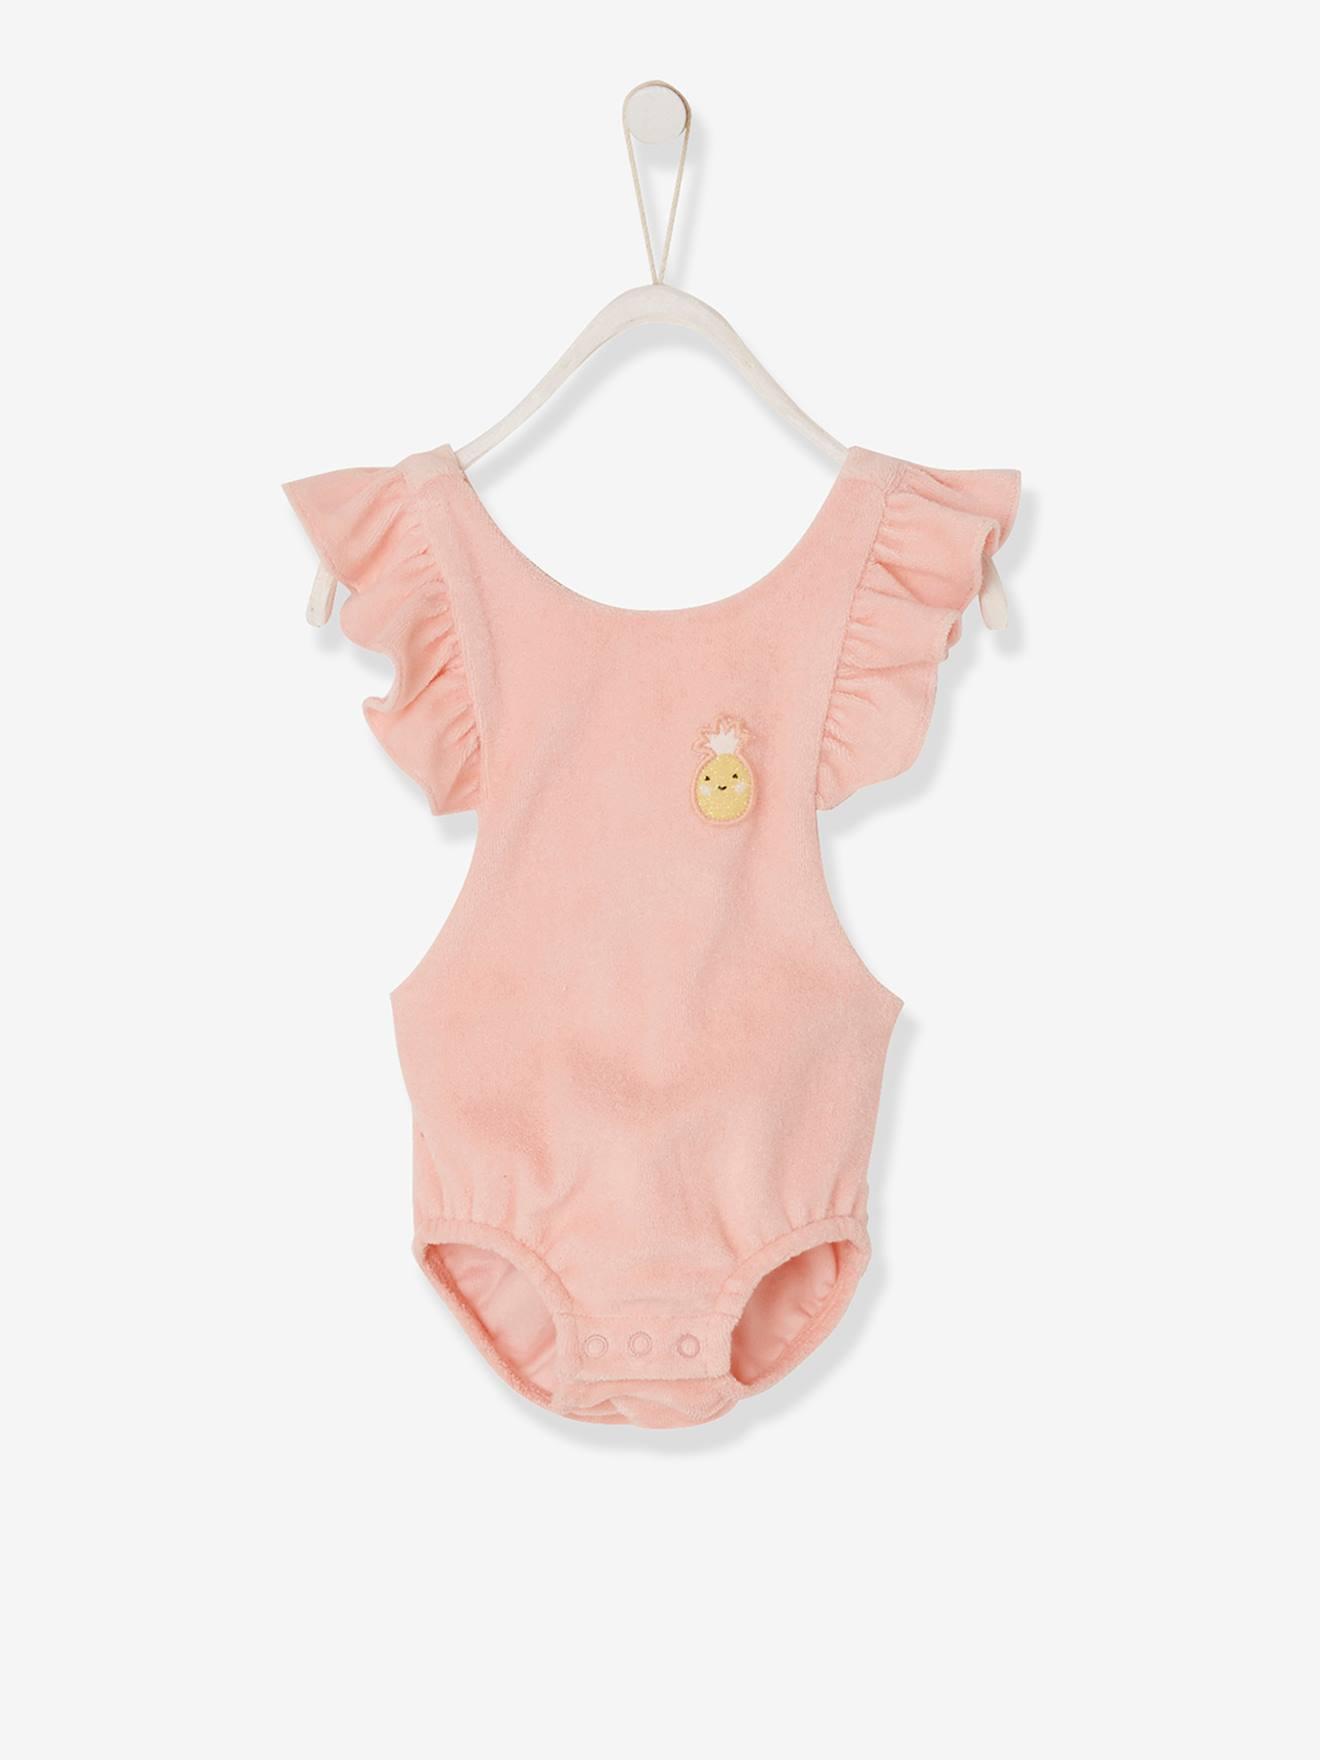 99ff6d631 Petos y Ranitas - Bebé Niña (0-36 meses)